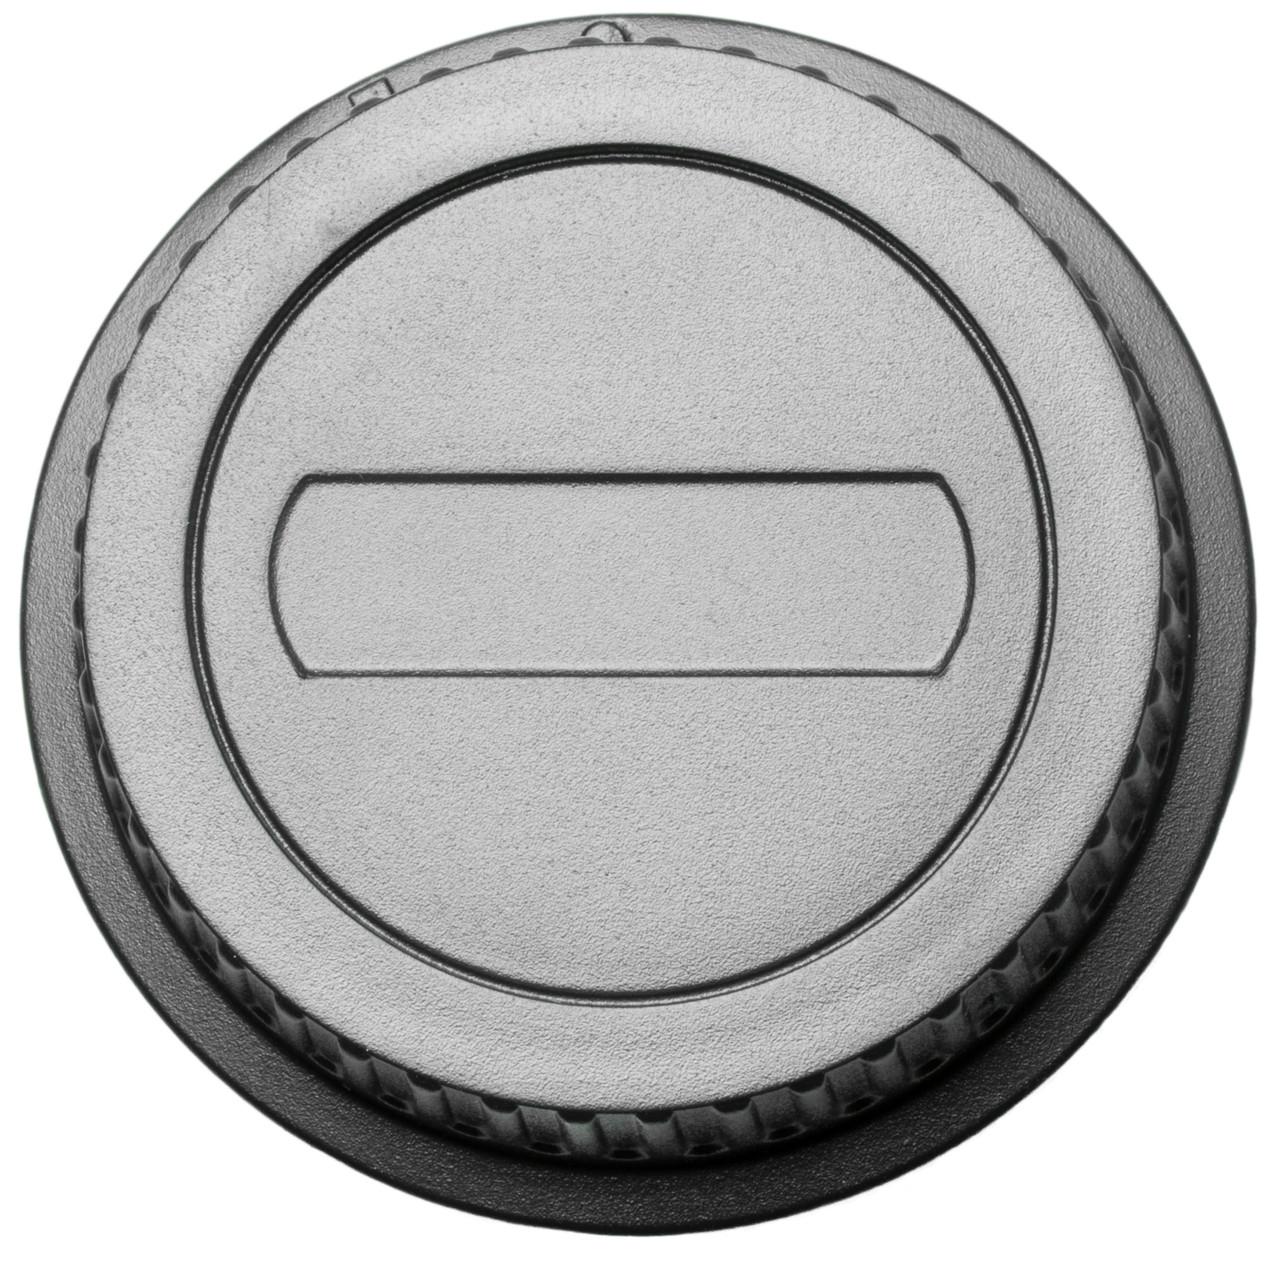 ProMaster Rear Lens Cap - For Nikon